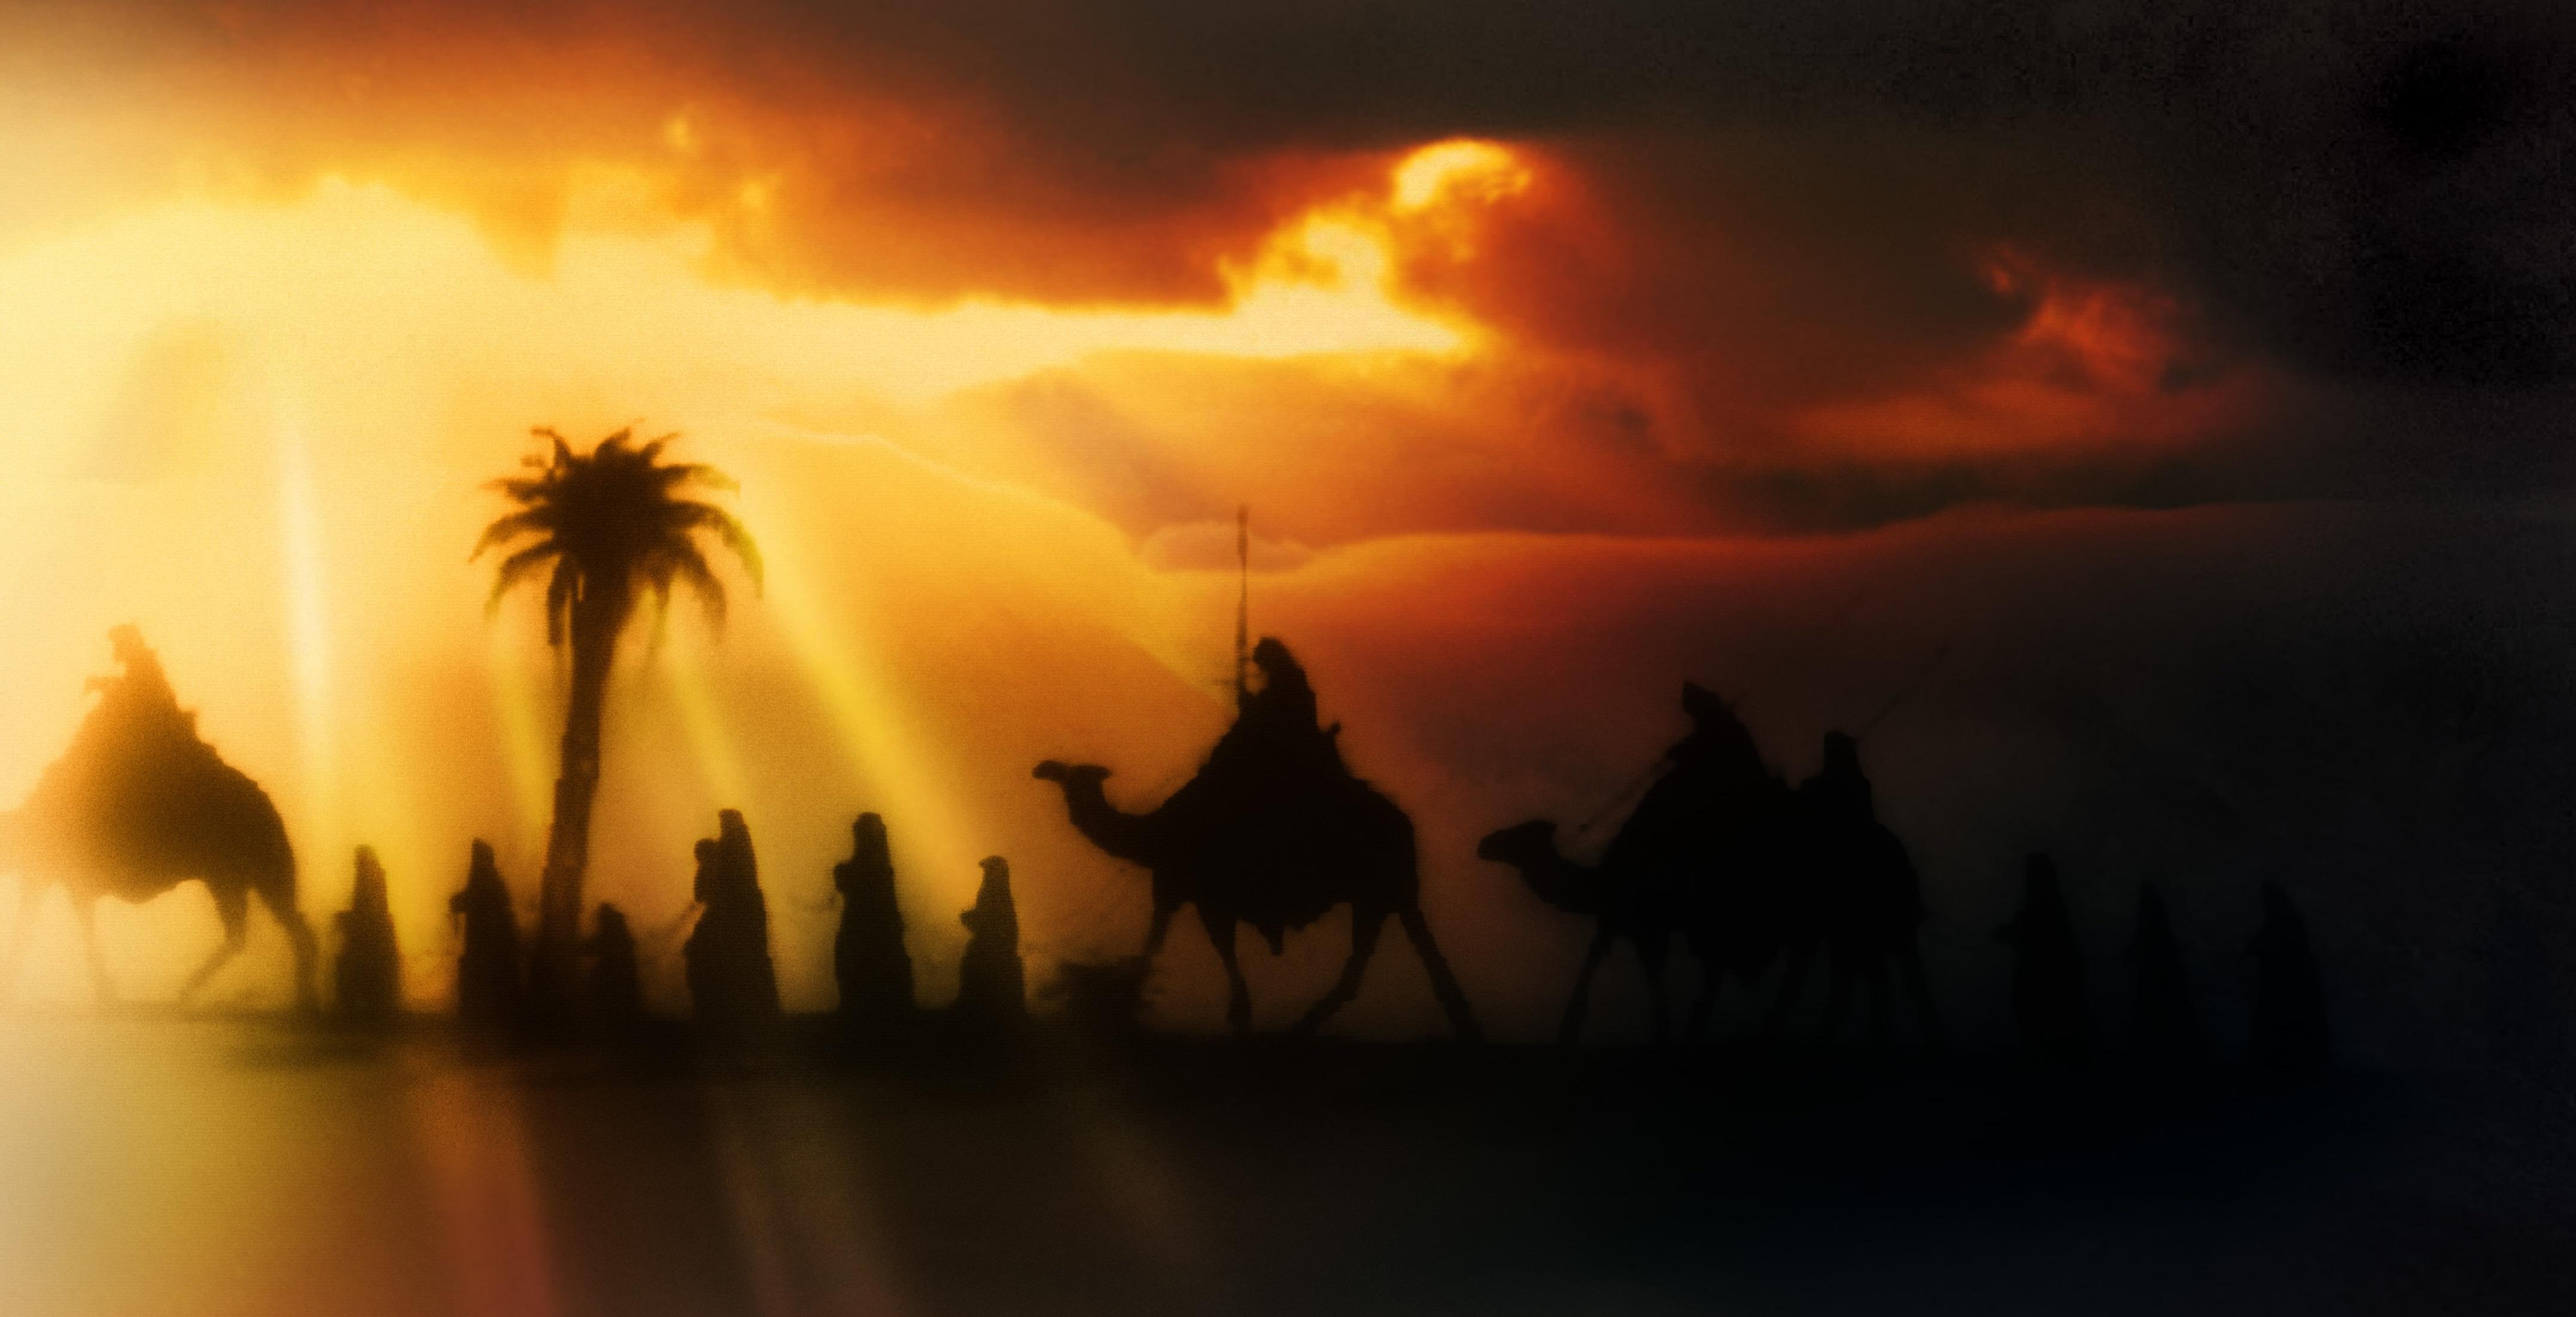 ആദം നബി (അ) ചരിത്രം